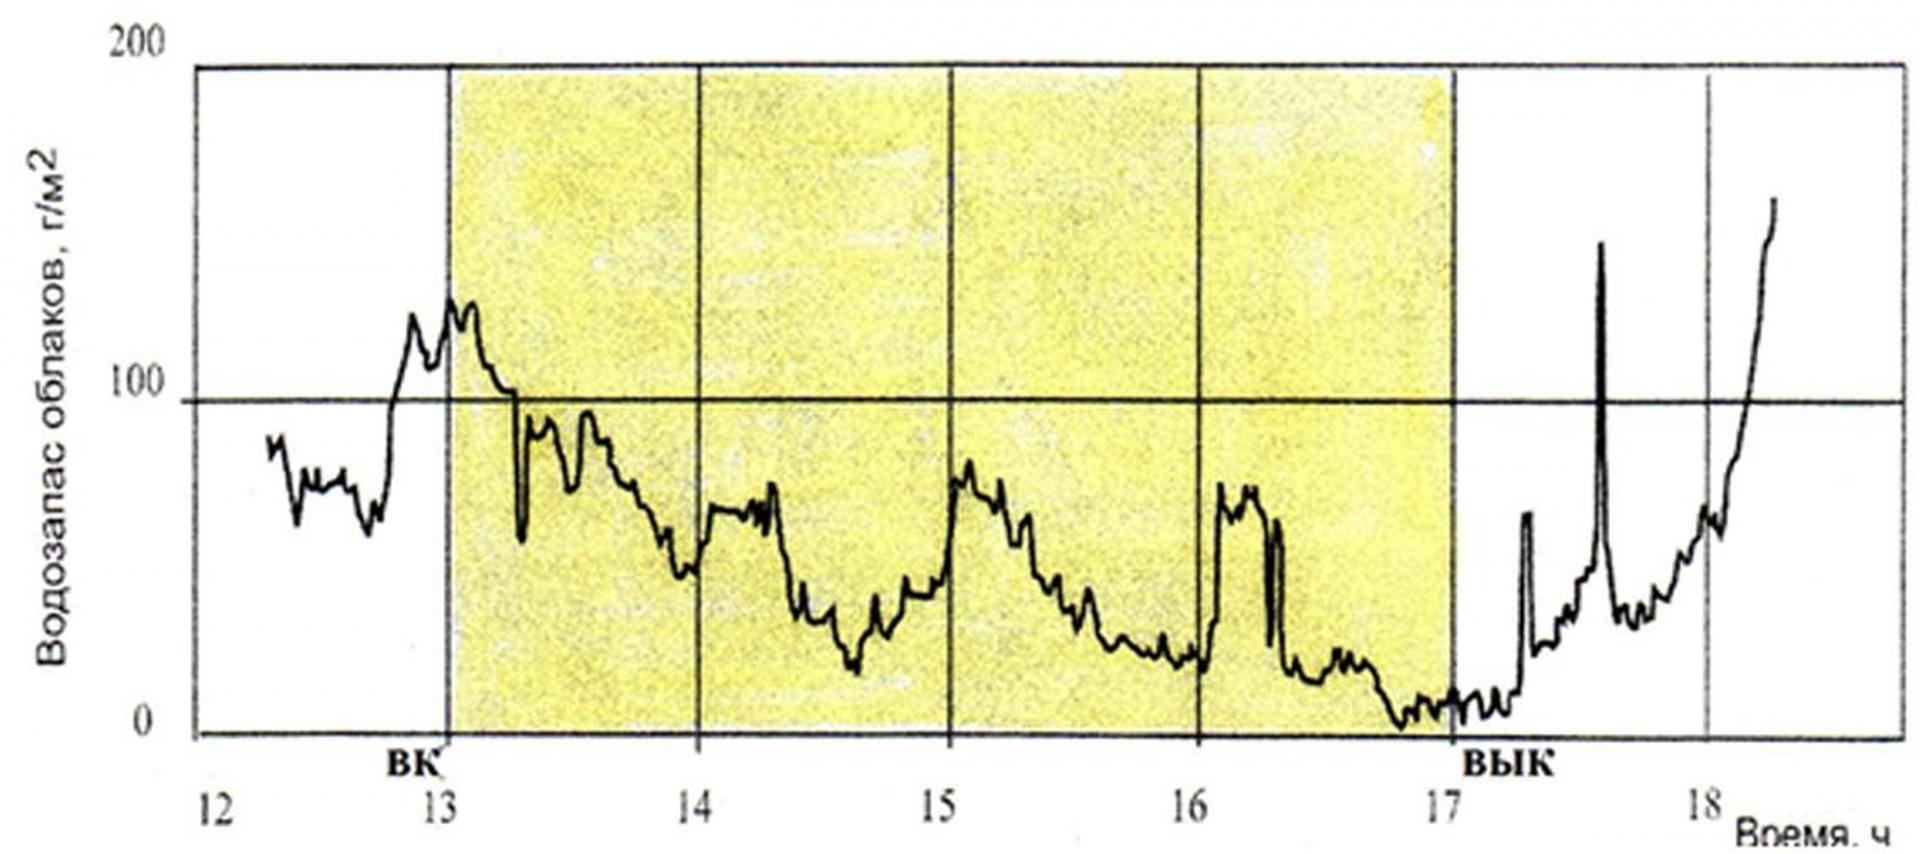 Рис. 3. Изменение водозапаса фронтальной облачности